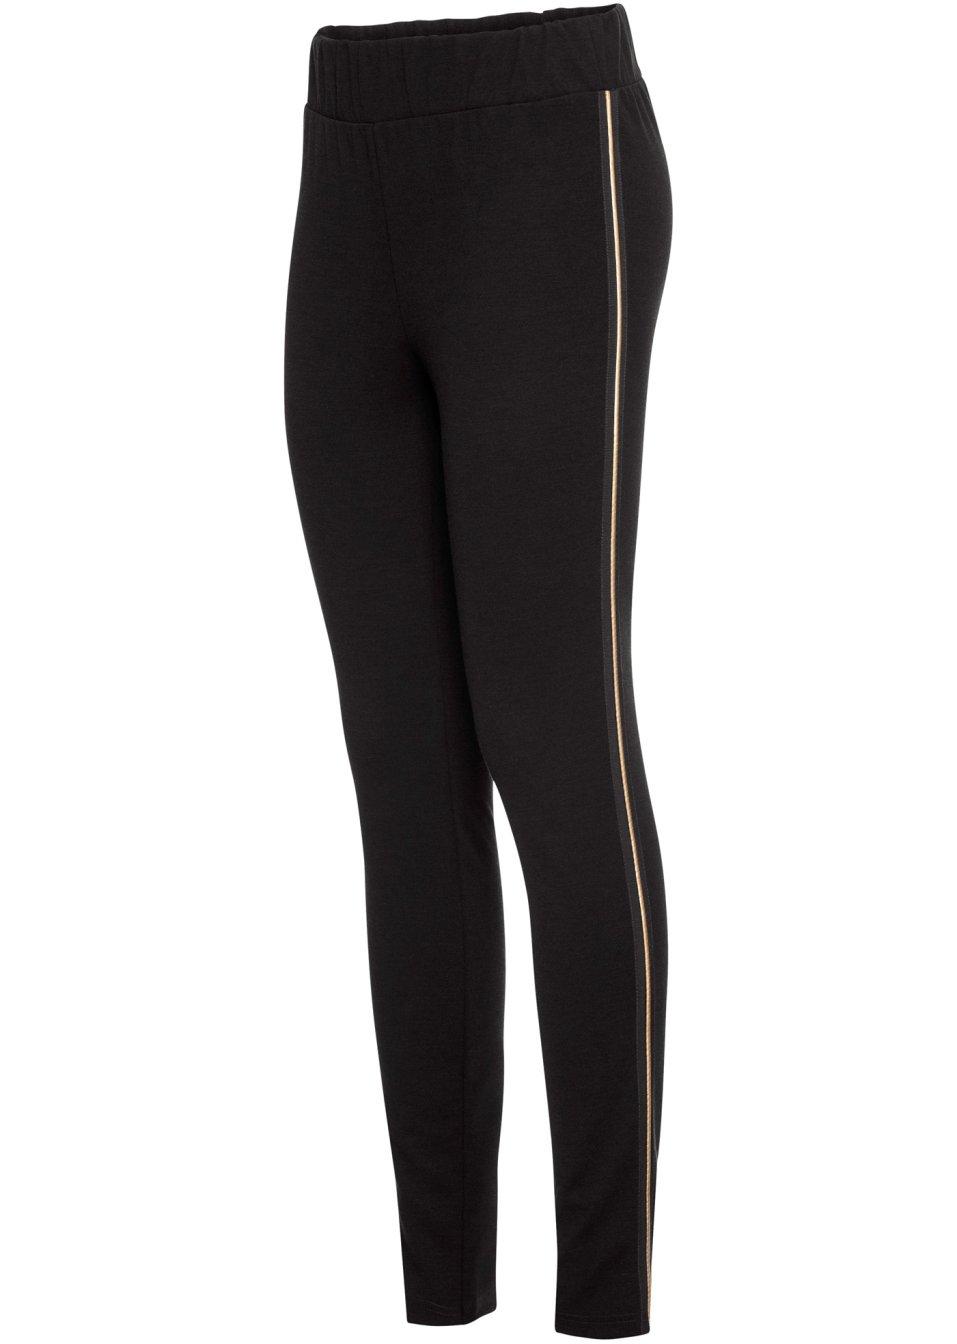 Jersey-Hose mit Seitenstreifen und elastischem Gummibund - schwarz ncS3I OvNoe